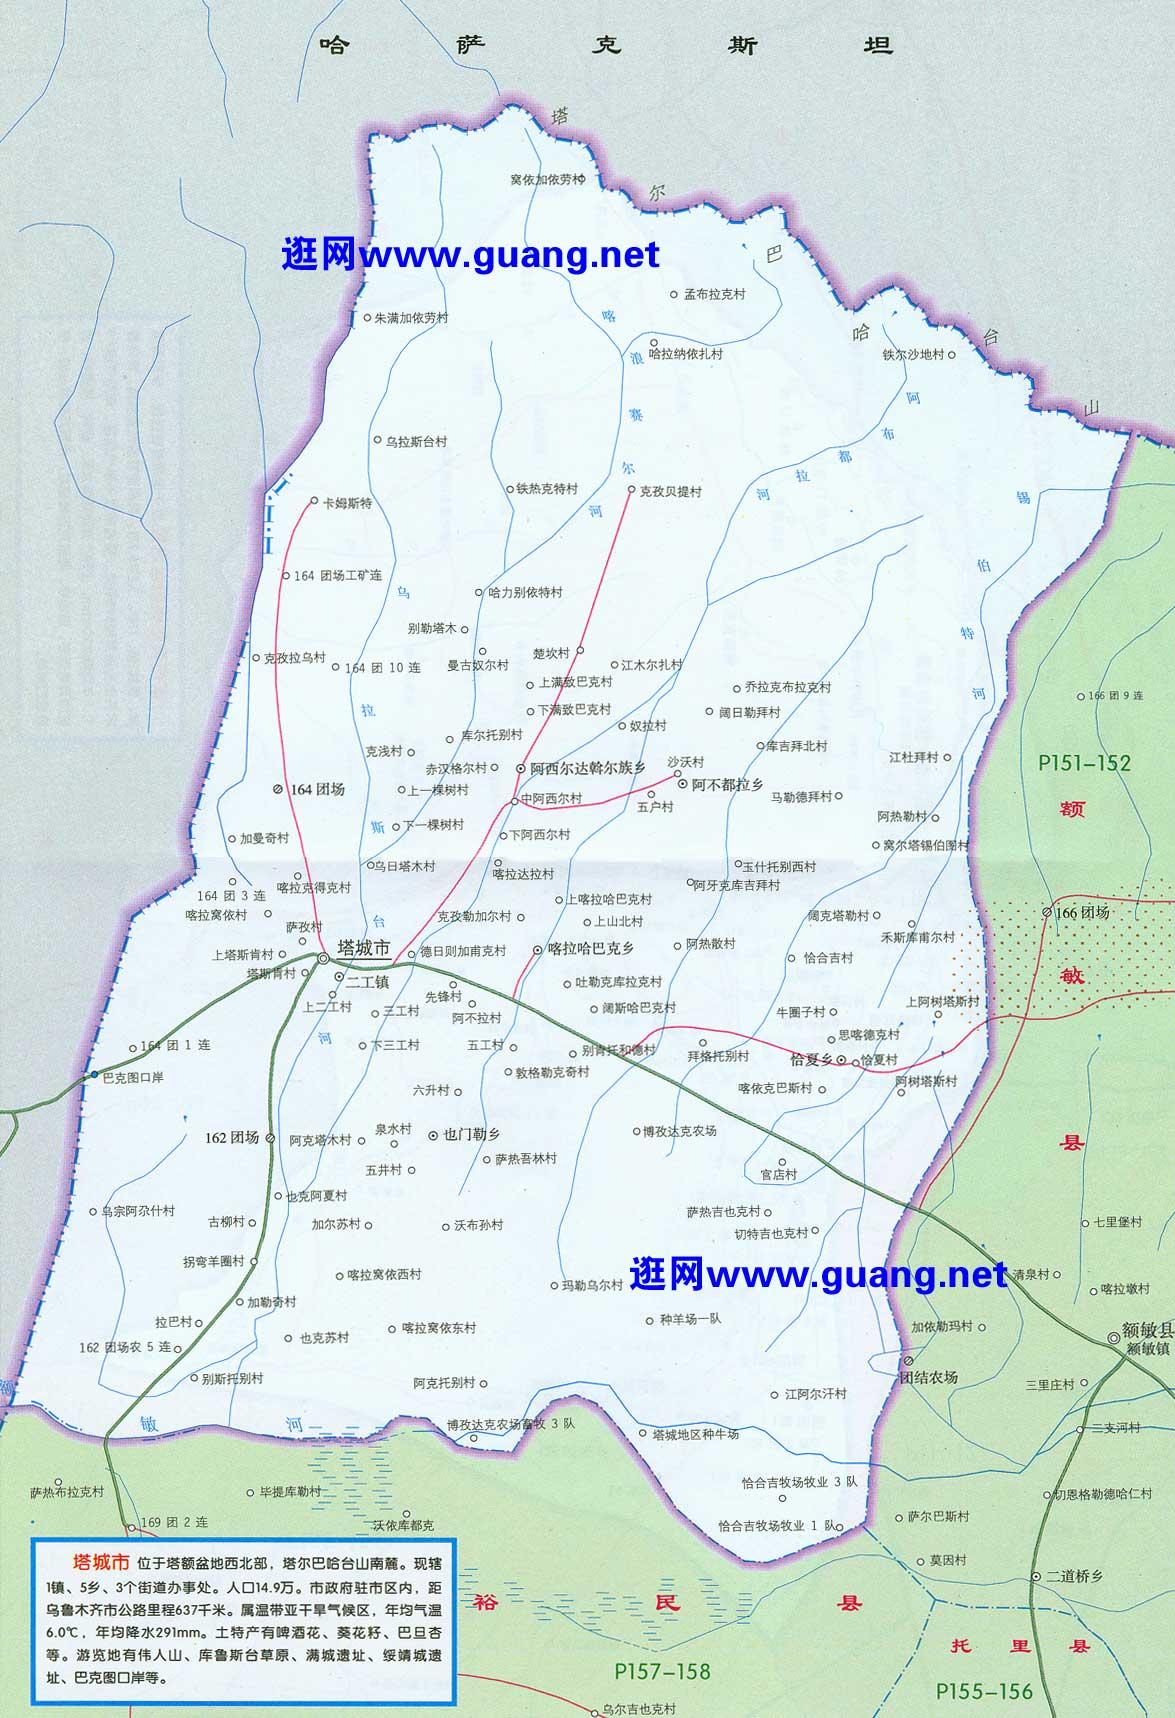 2015年版塔城地图